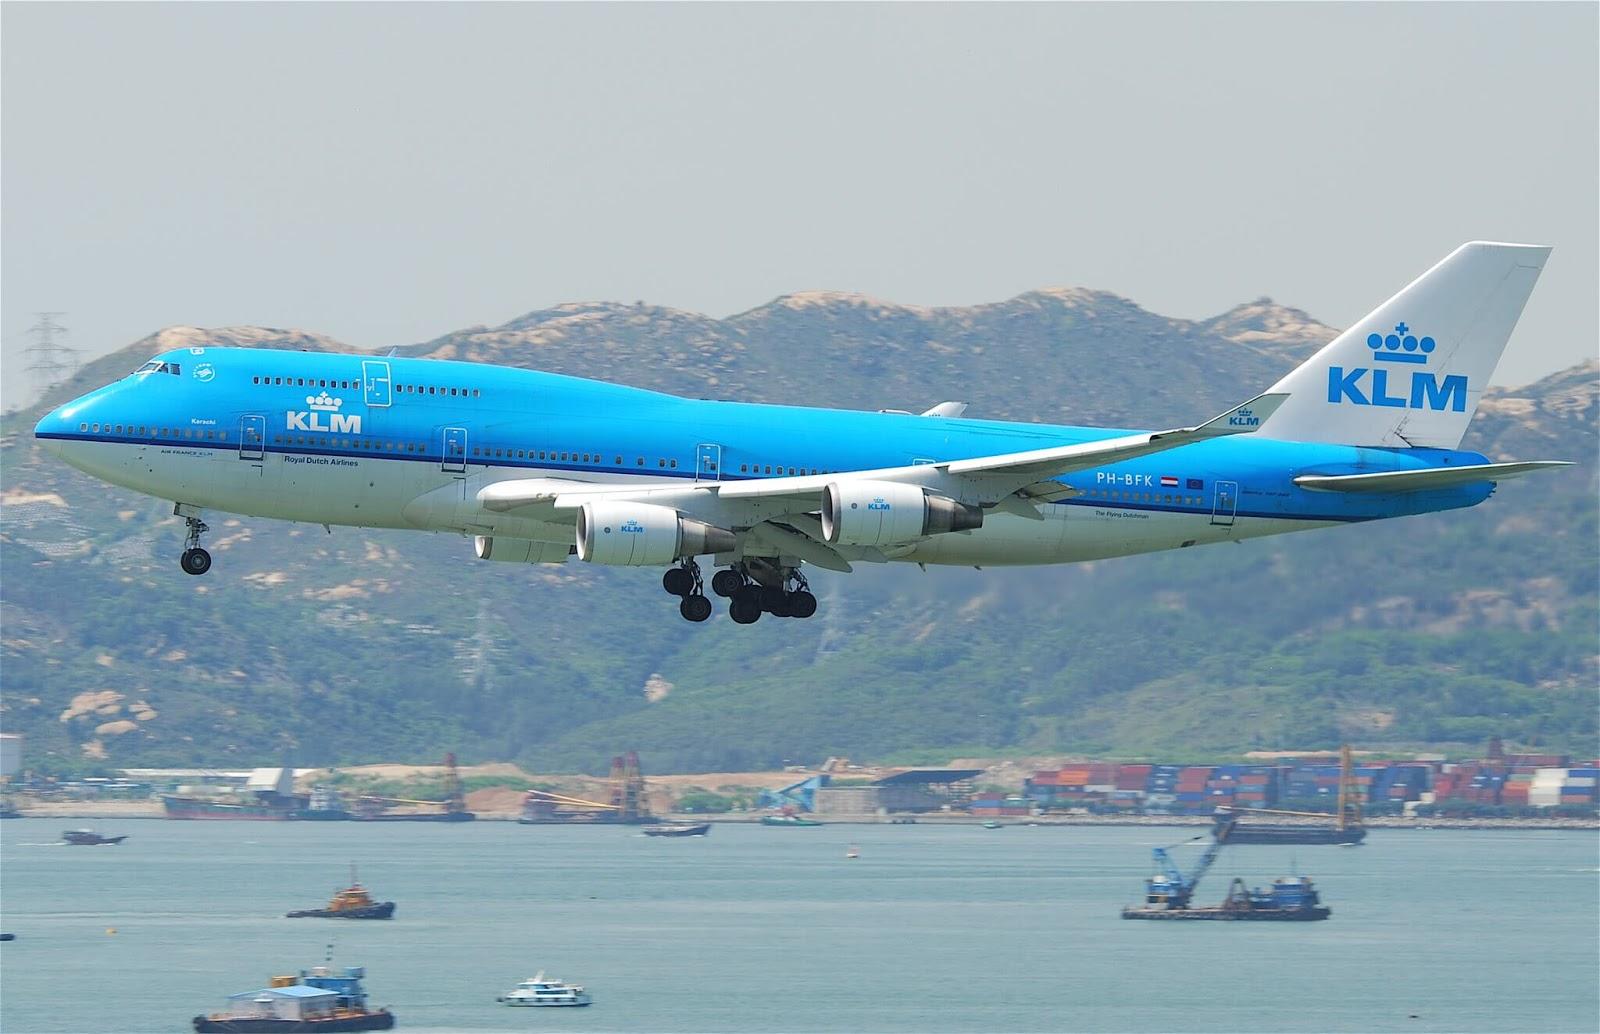 klm_royal_dutch_airlines_boeing_747.jpg